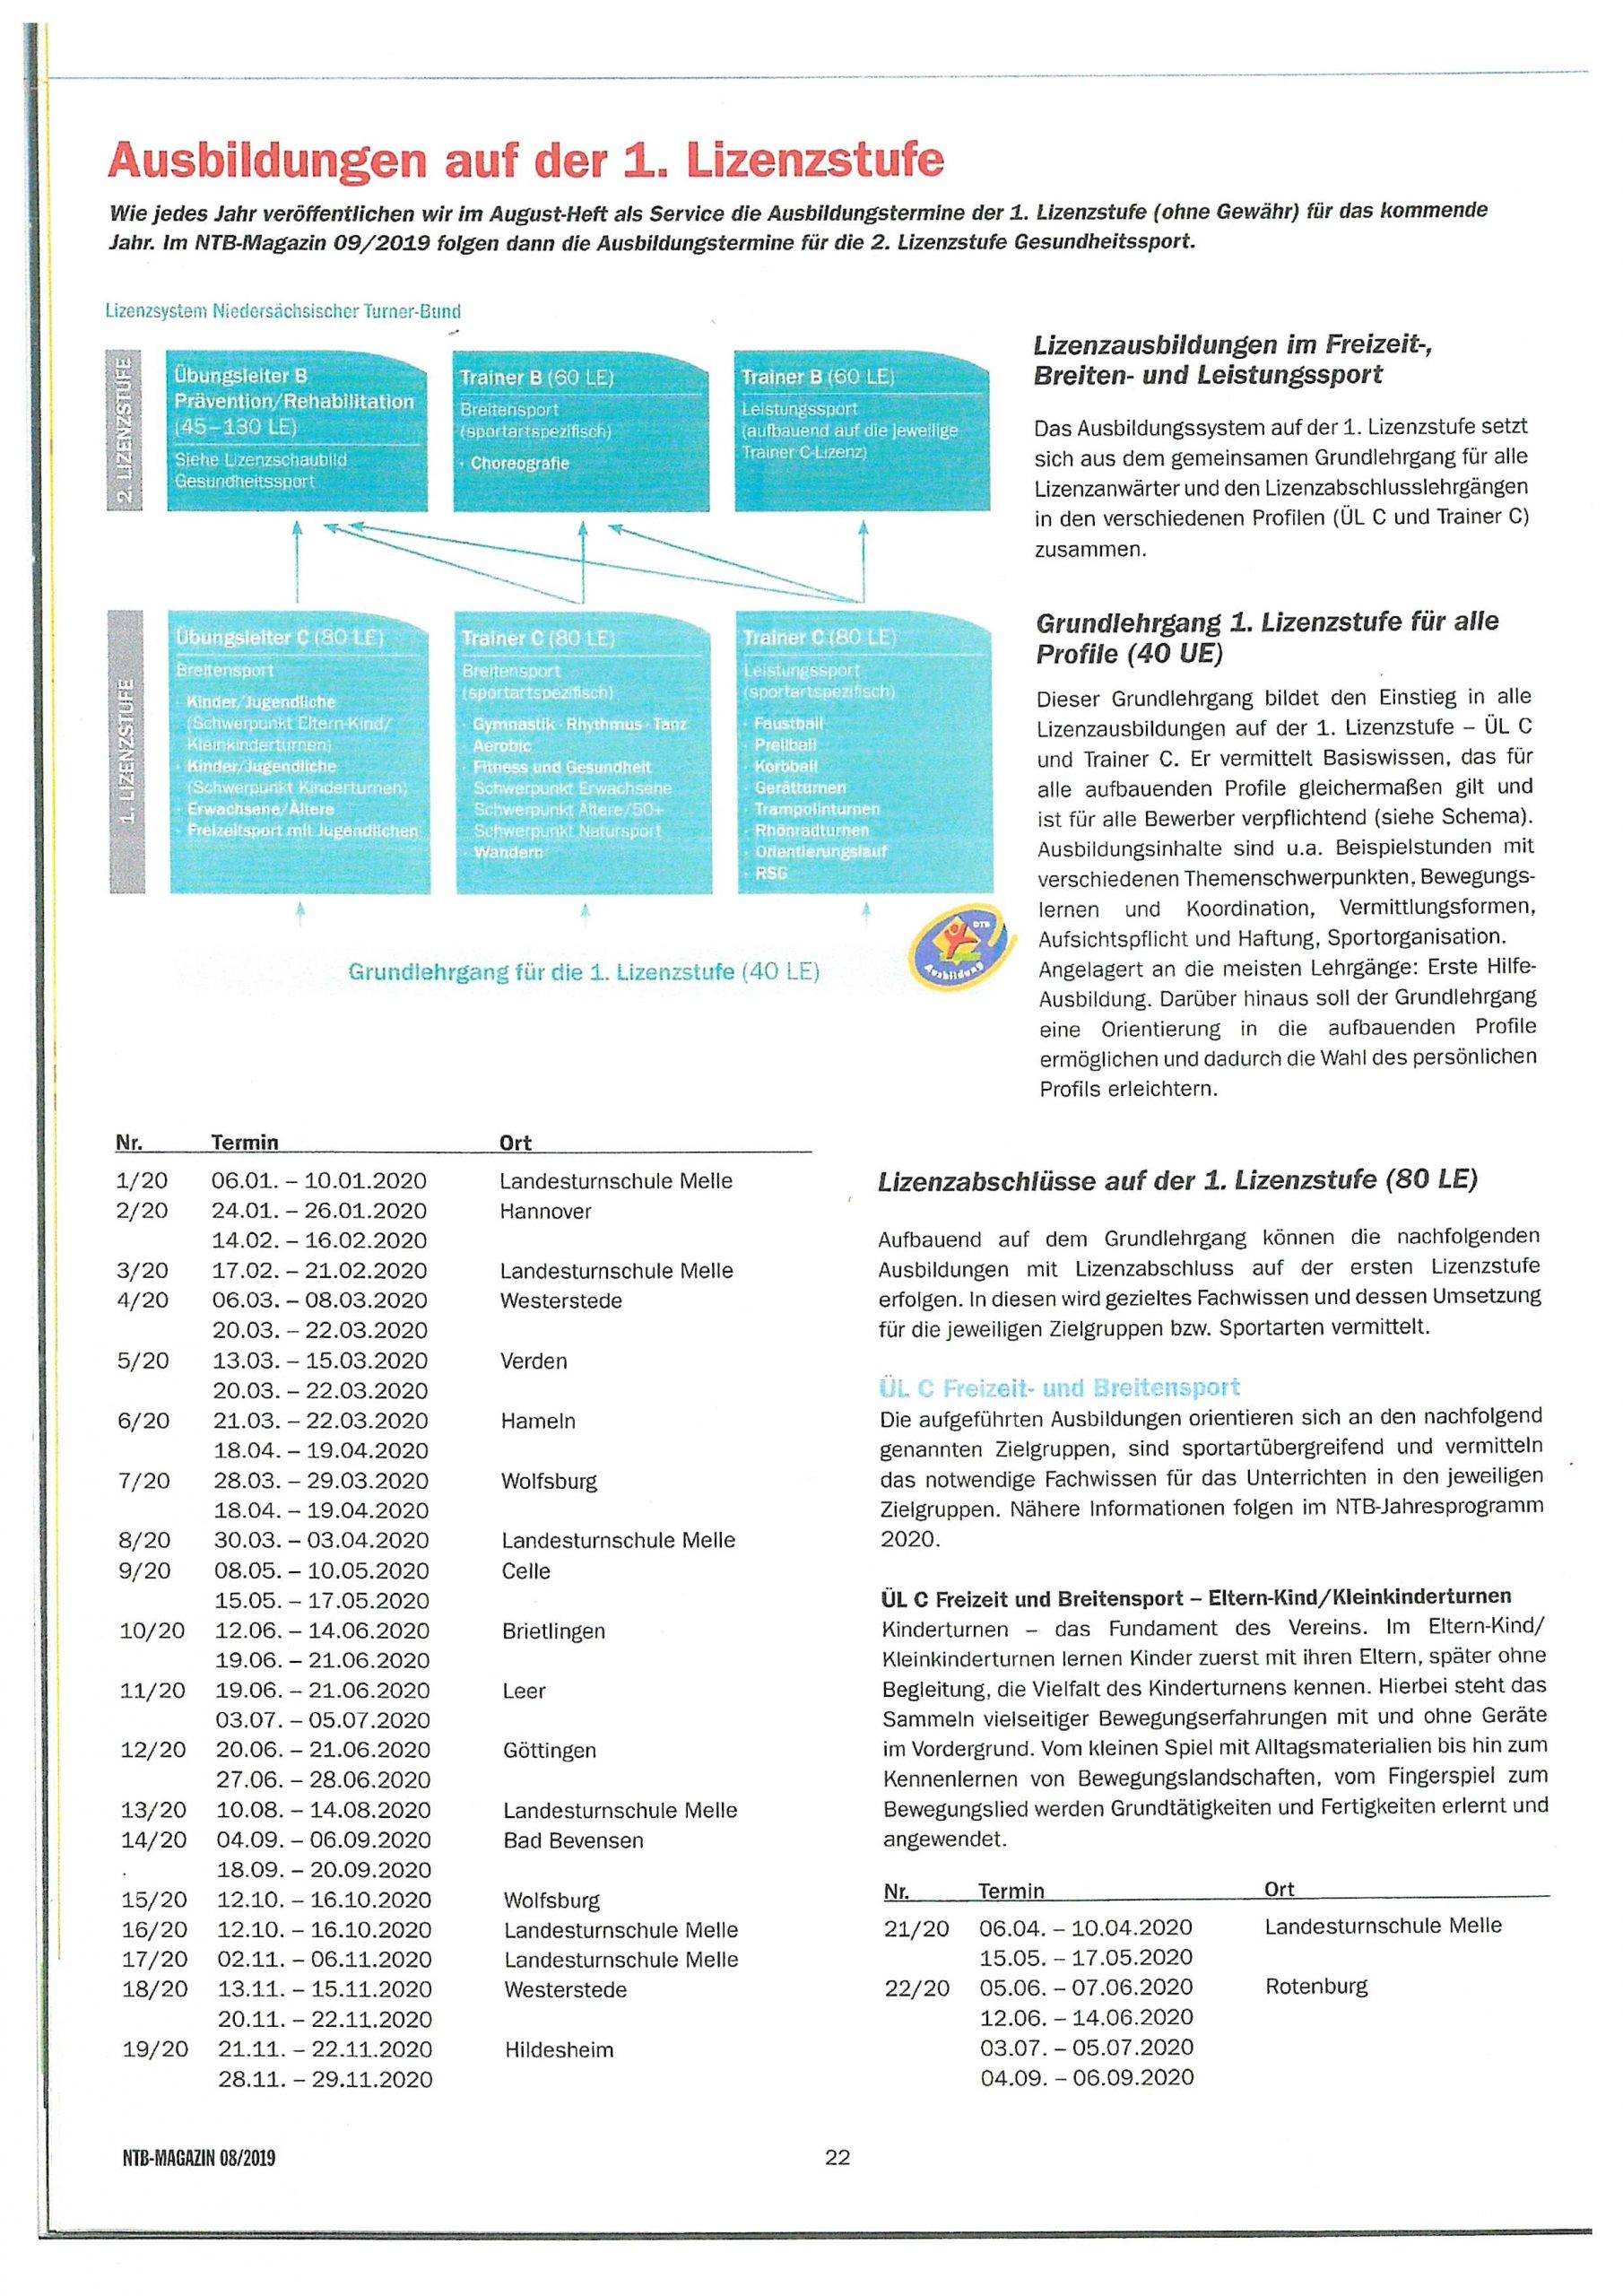 rautenstrauch_c_2020-01-20_08-08-38